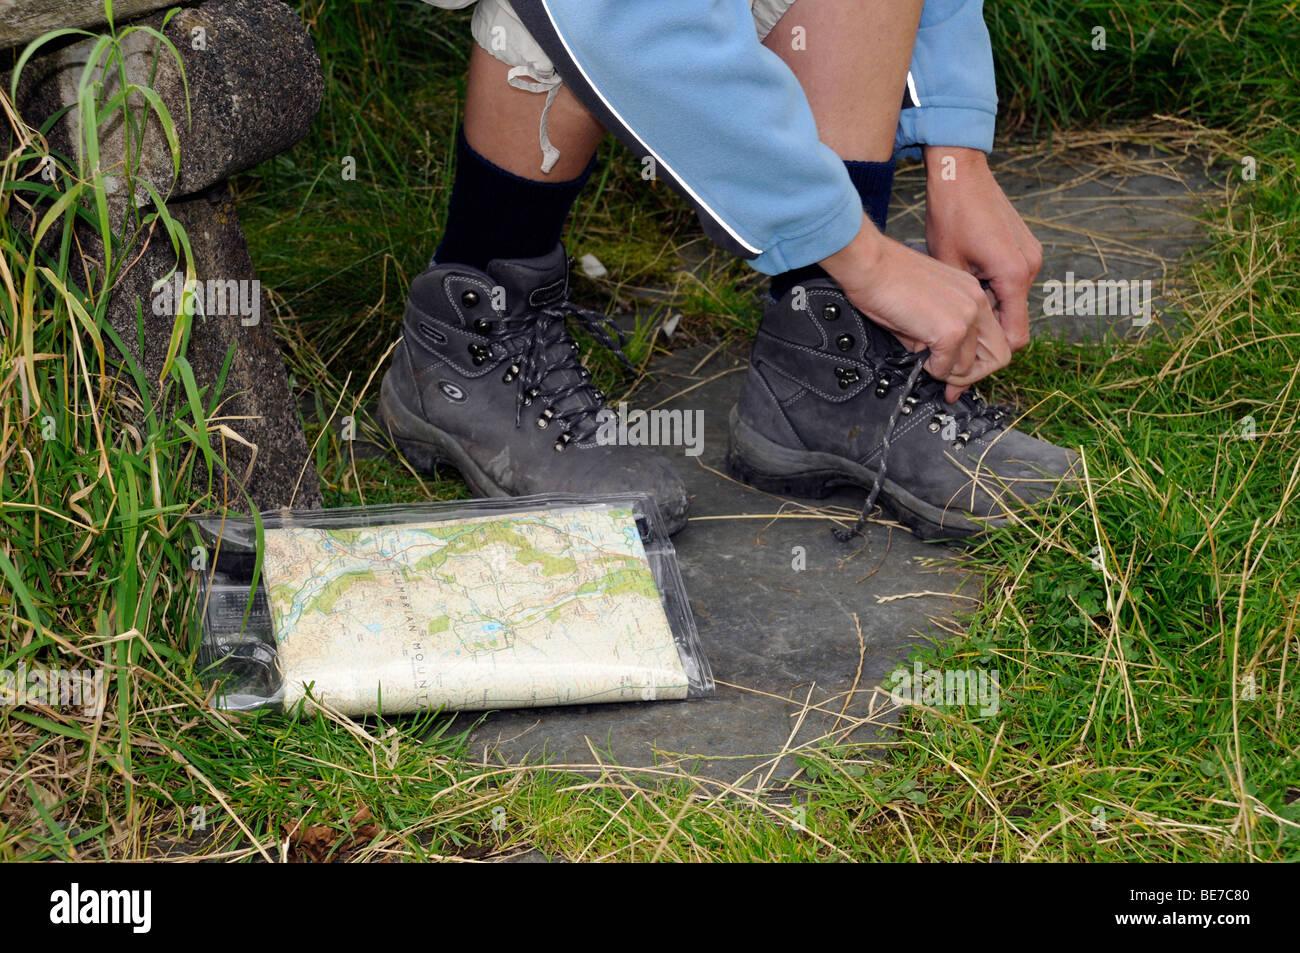 Close up of woman monopoliser la randonnée lacets avant une randonnée dans la région du Lake District, Cumbria. United Kingdom. Banque D'Images